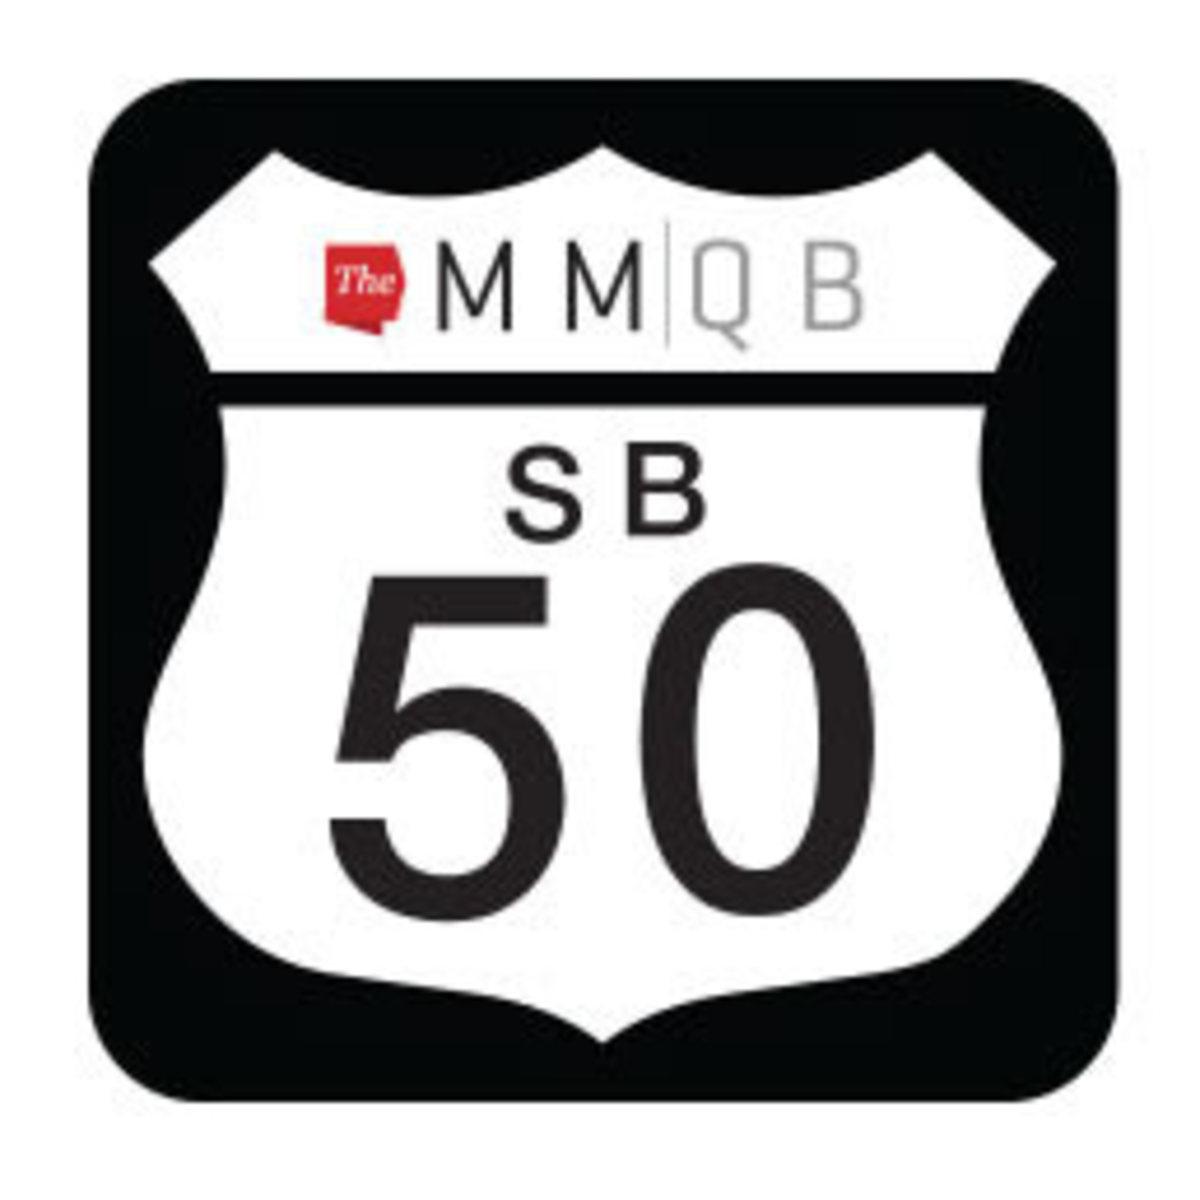 mmqb_sb50_sticker_large.jpg